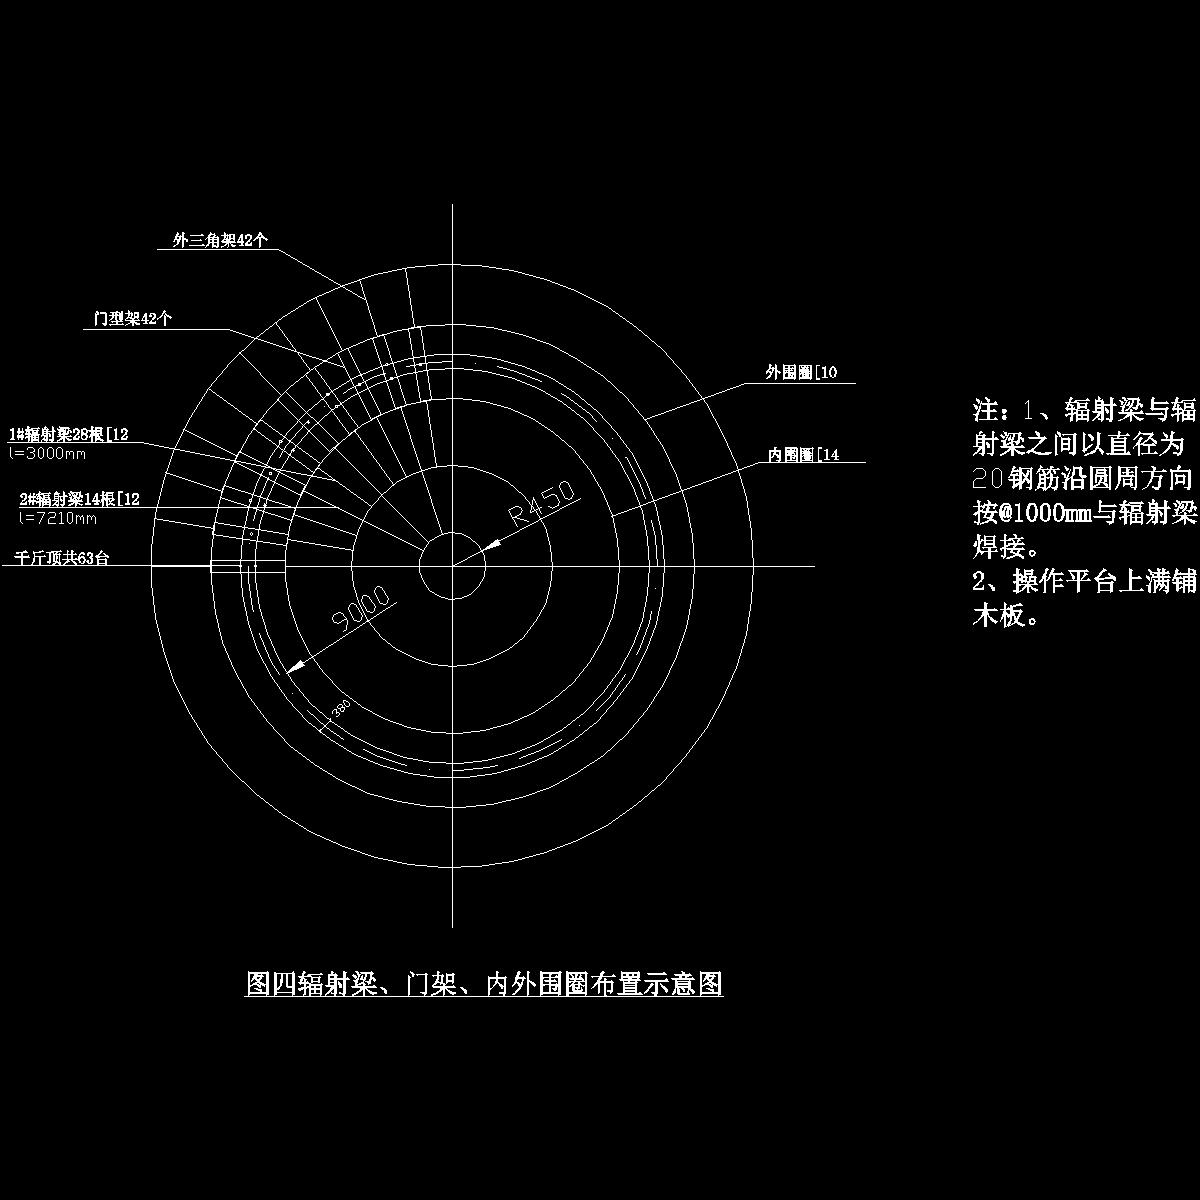 辐射梁、门架、内外围圈布置示意图.dwg